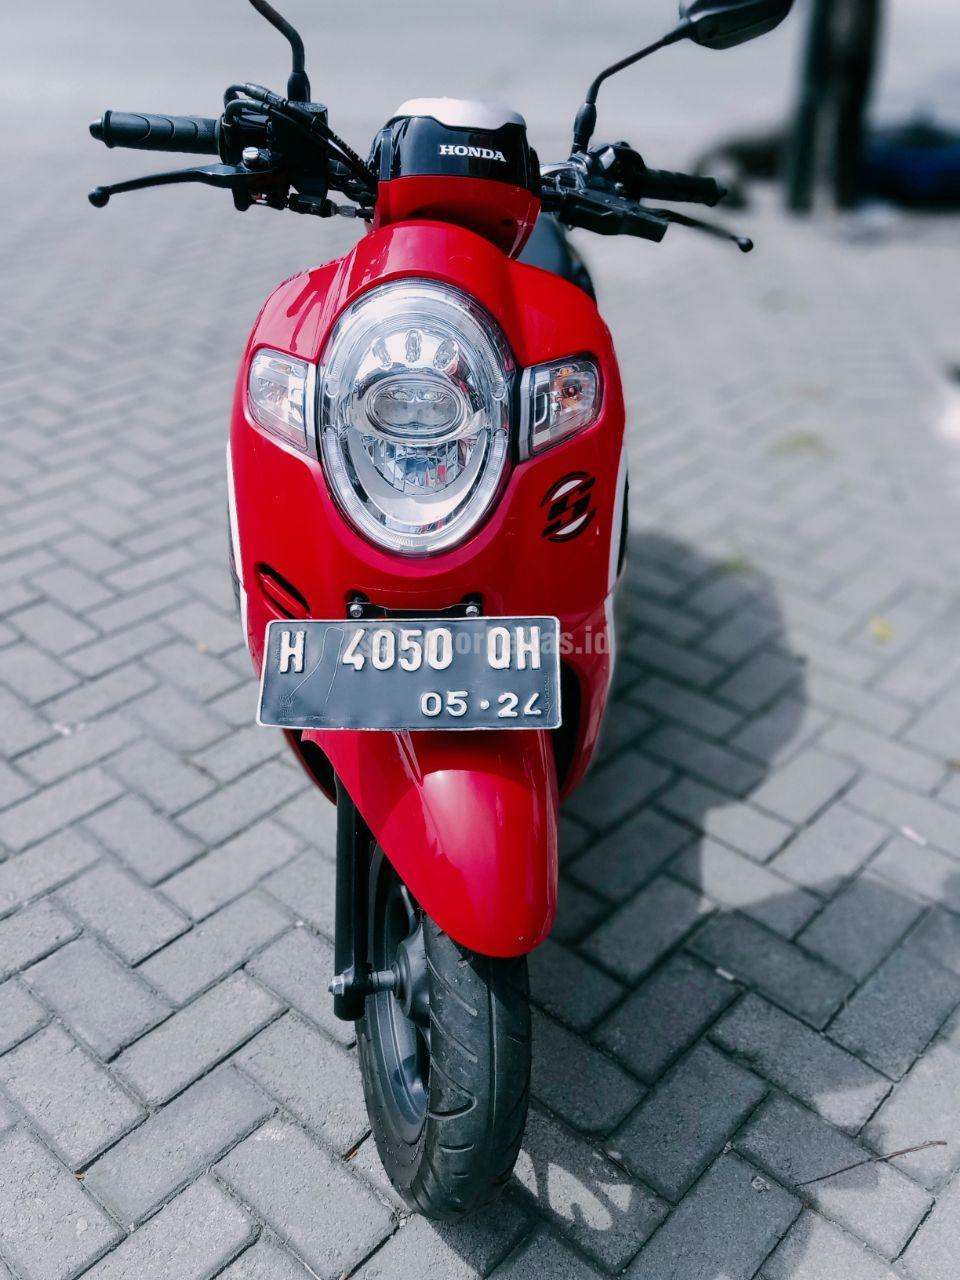 HONDA SCOOPY  3306 motorbekas.id